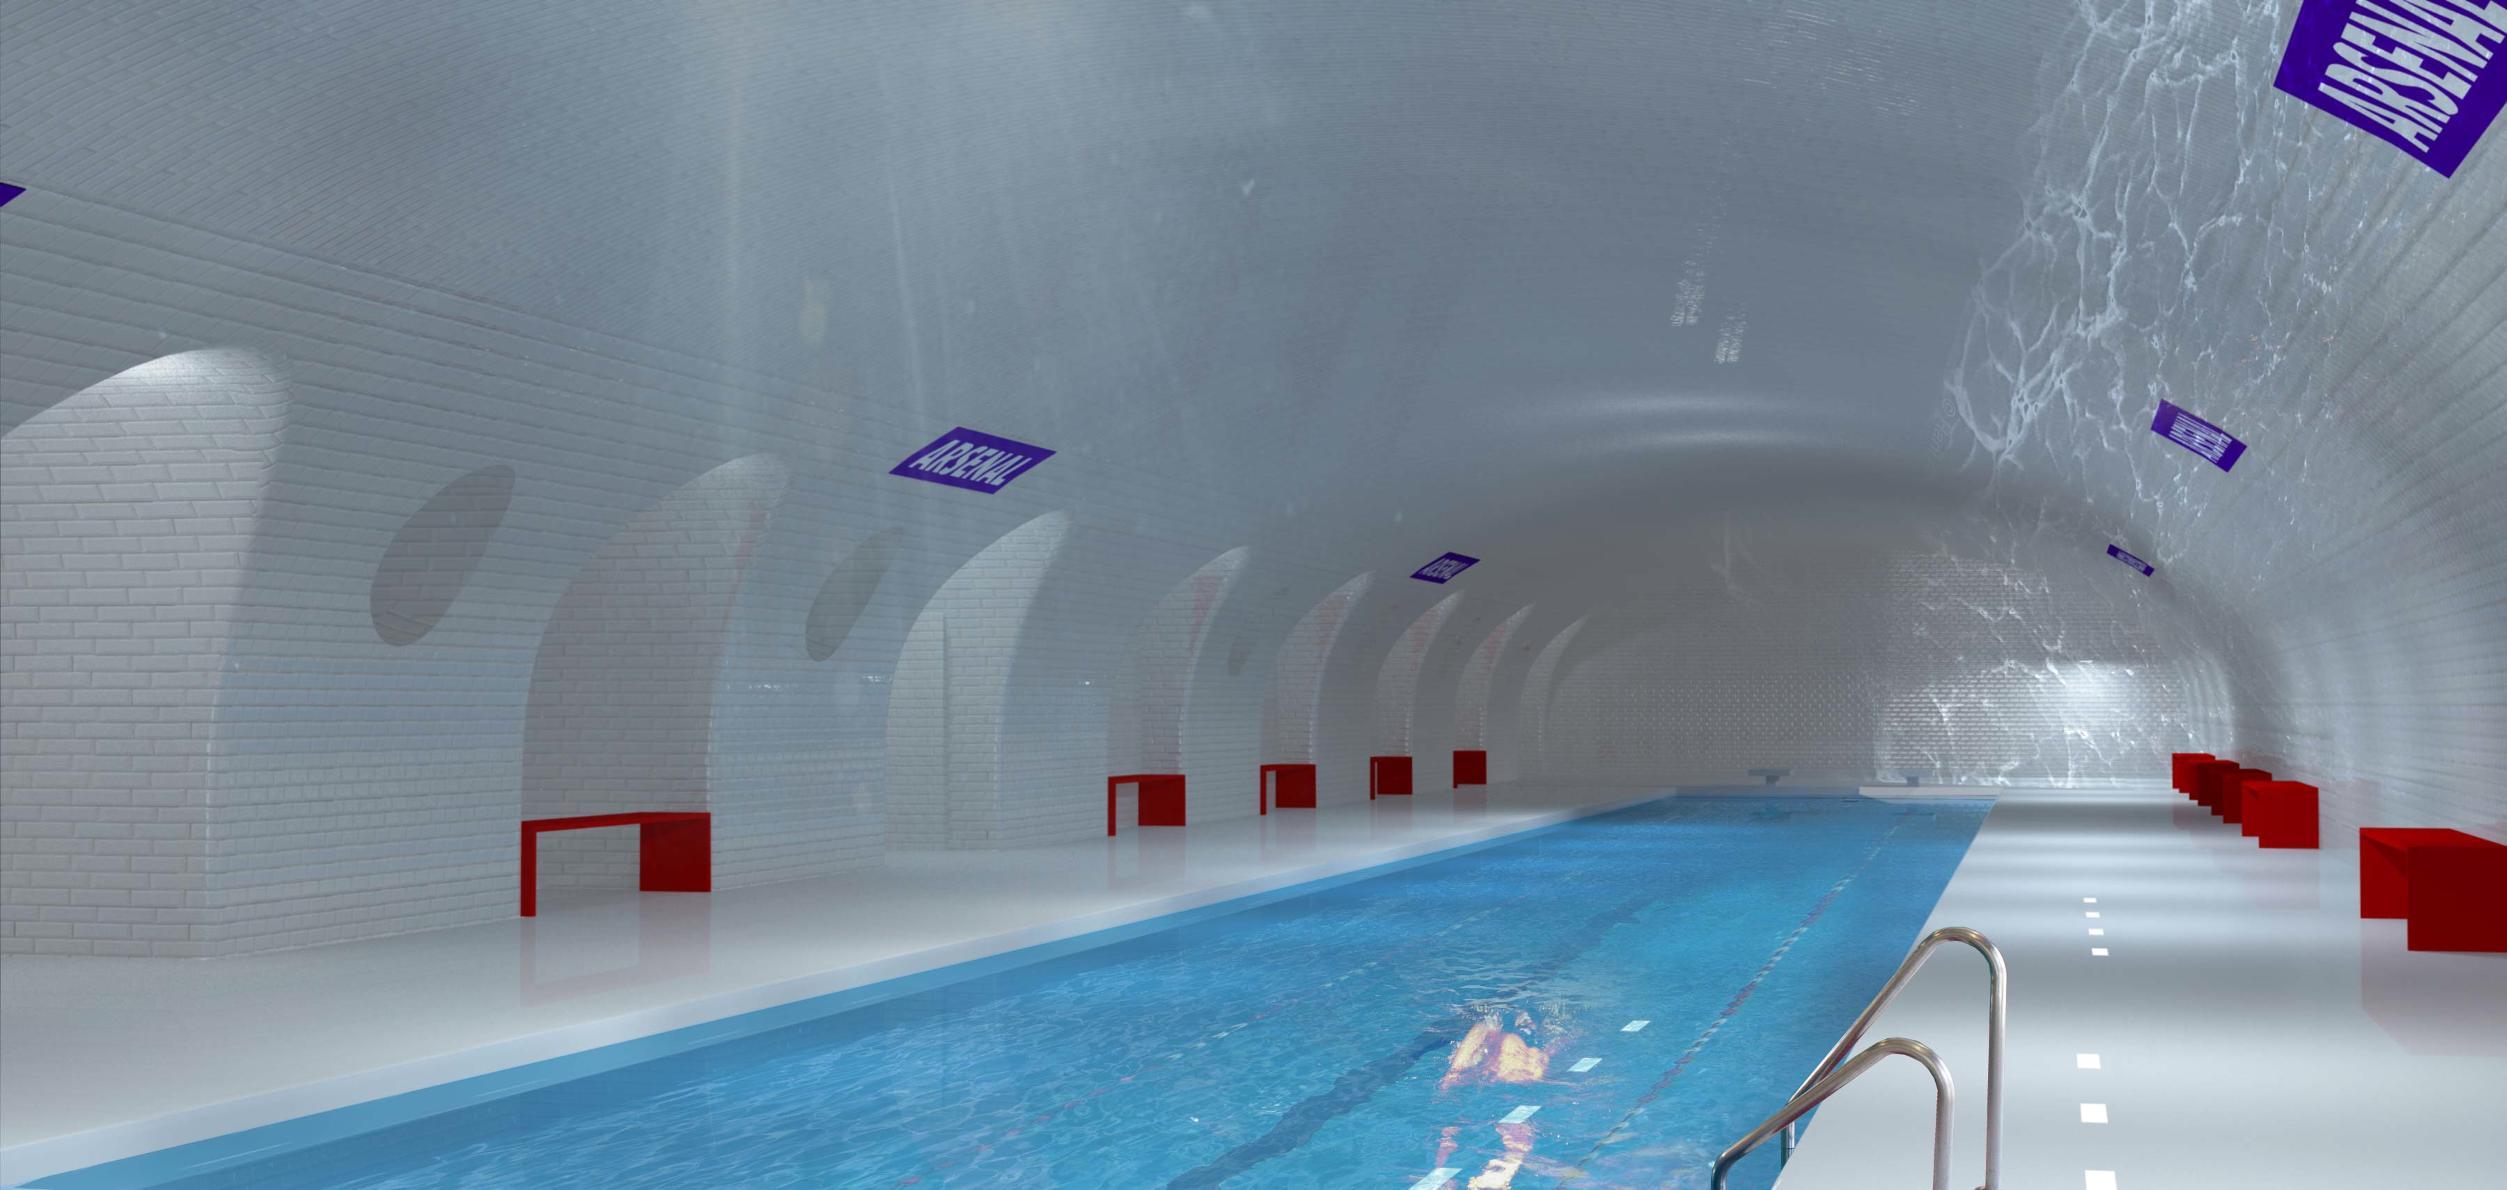 Piscina subterránea, teatro o discoteca: planes para resucitar las estaciones 'fantasma' del metro de parís